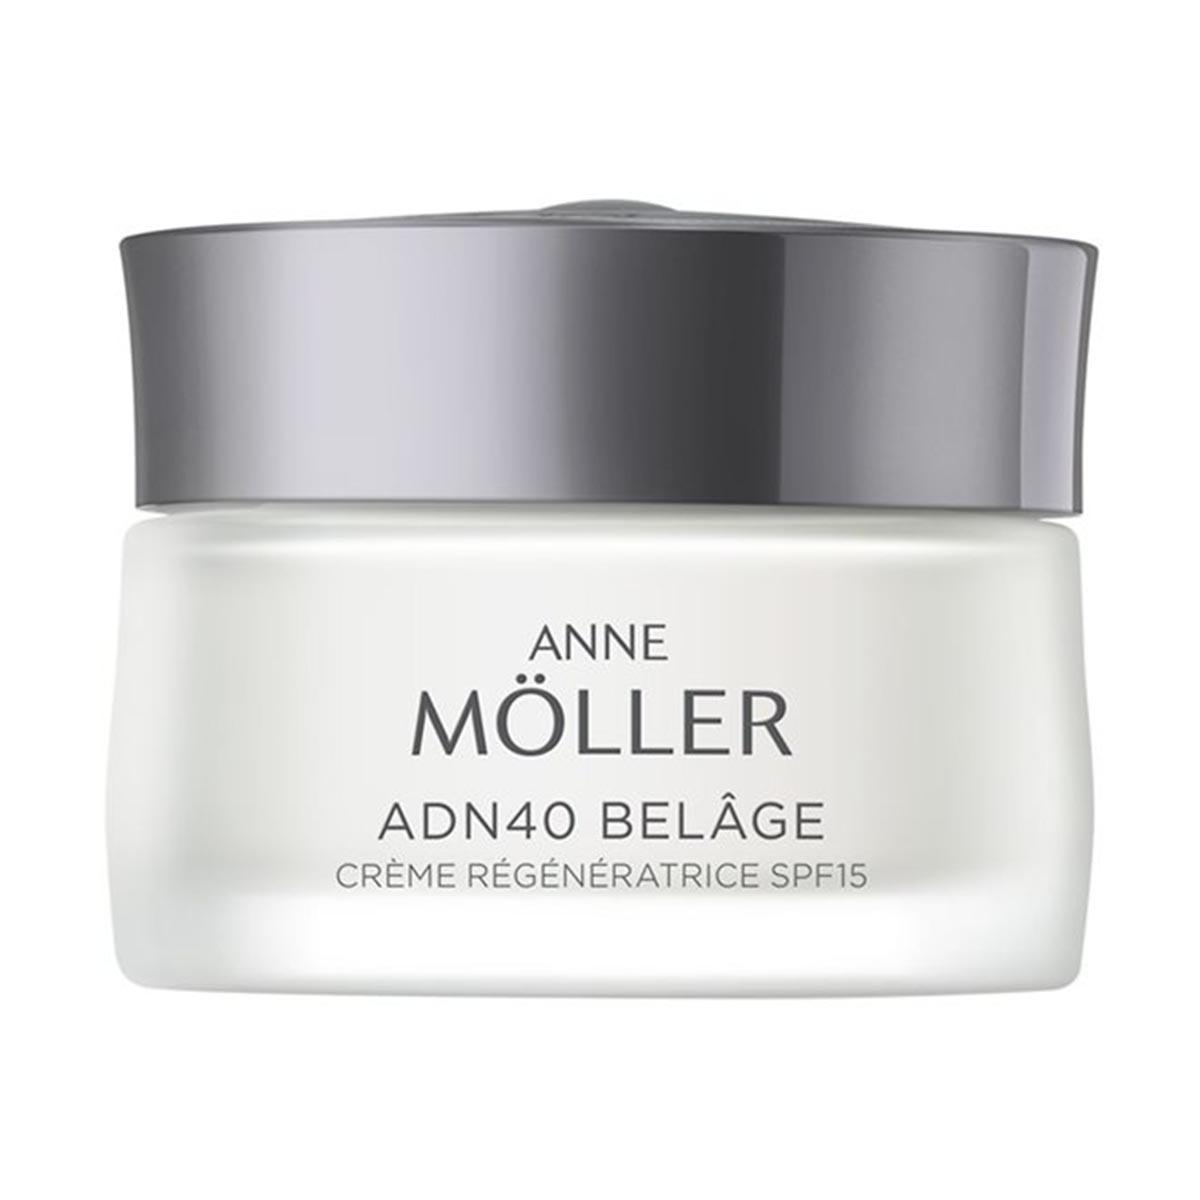 Anne moller adn40 belage creme regeneratice spf15 pieles mixtas 50ml